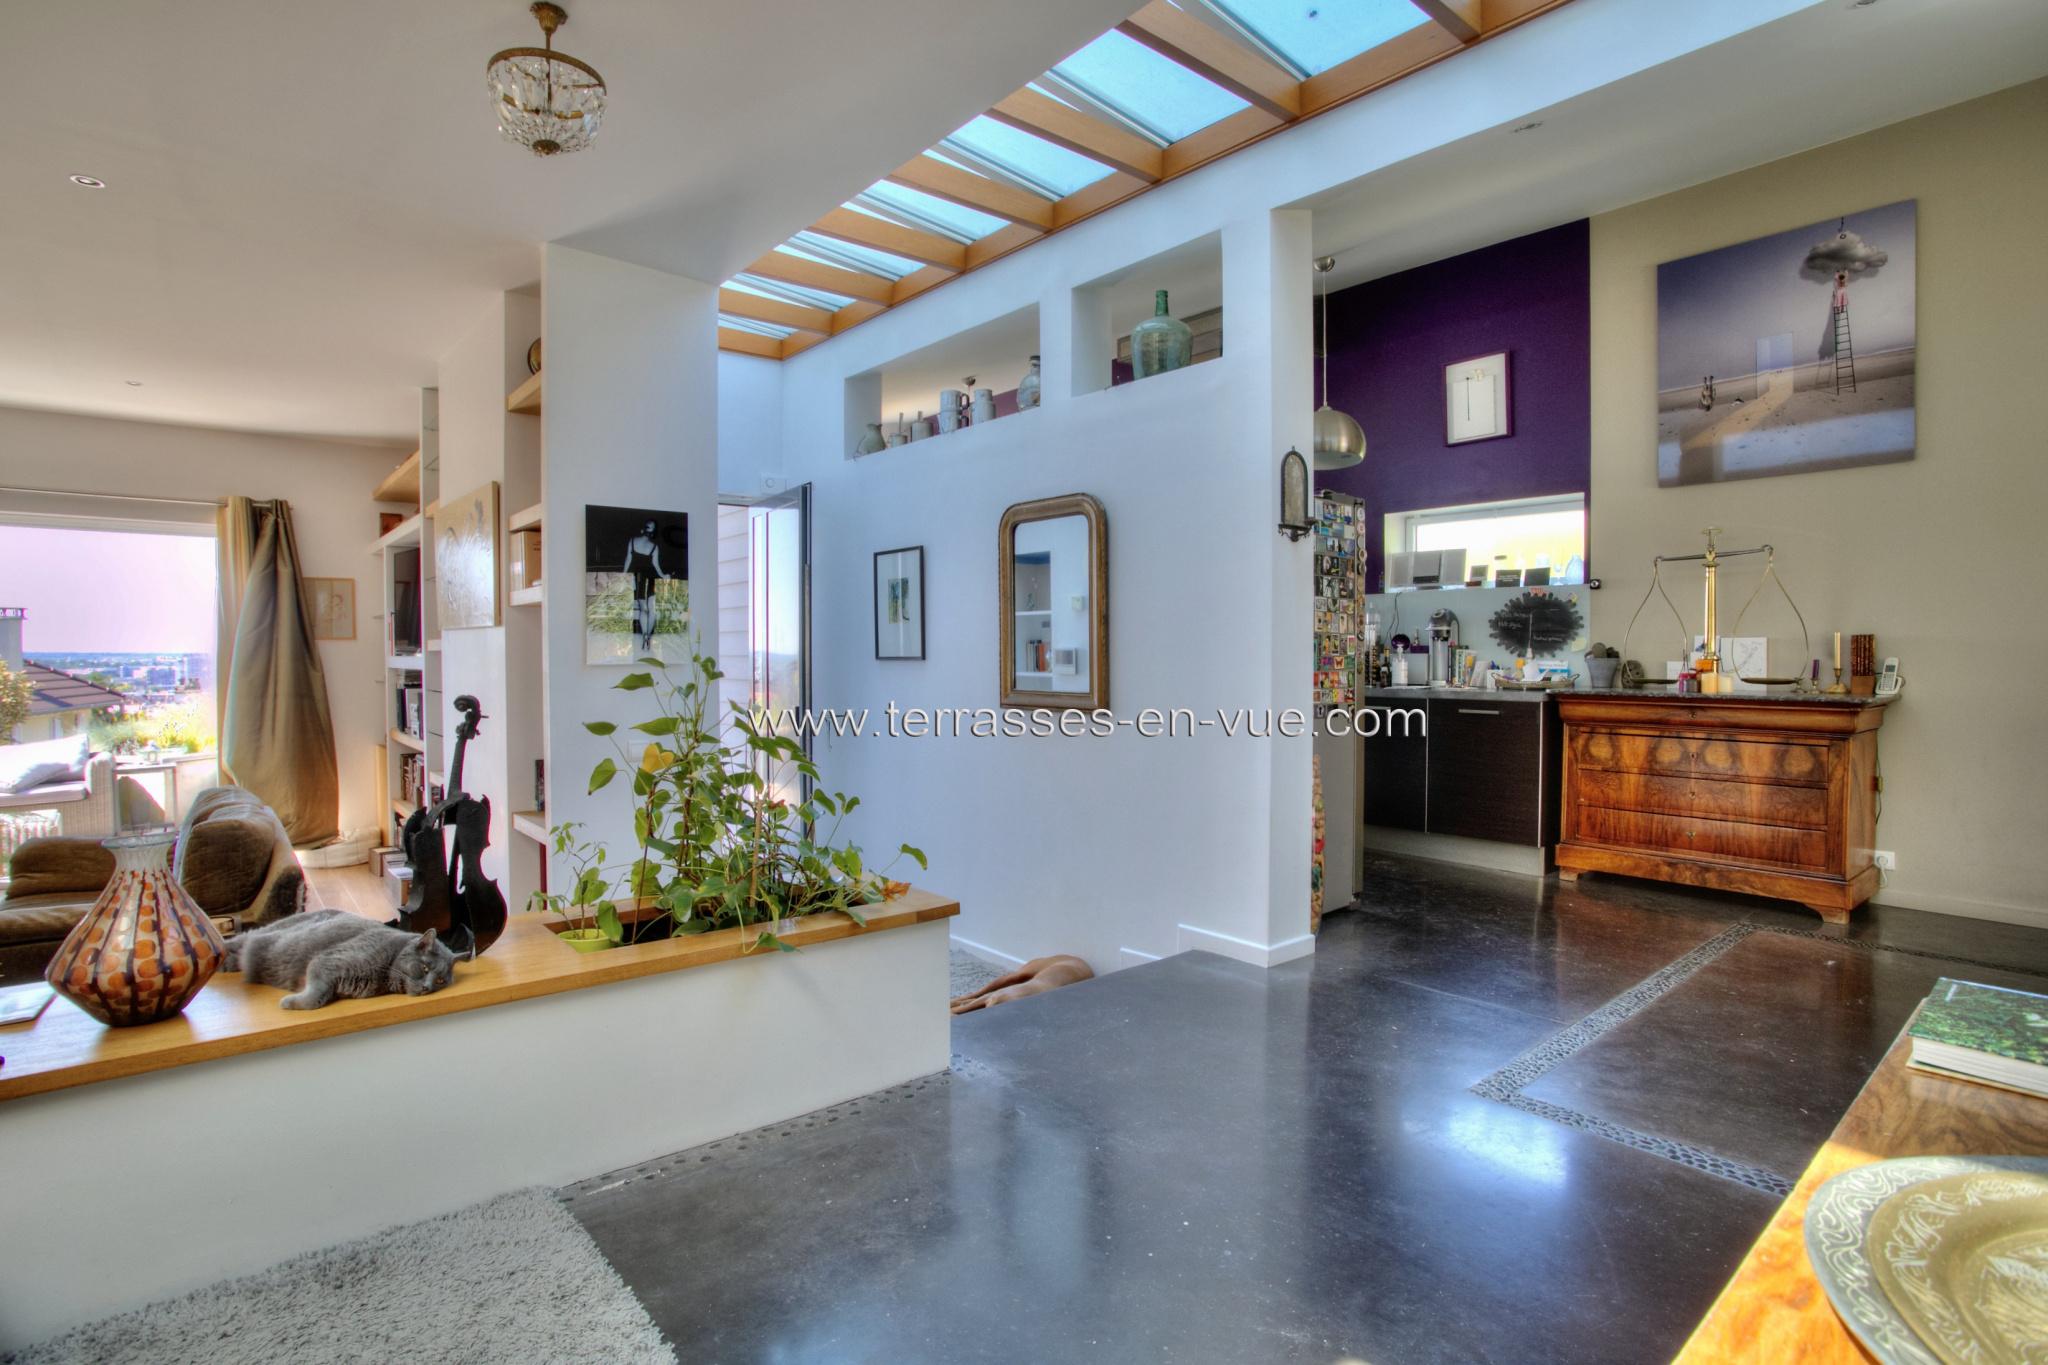 Maison À vendre - Rueil-Malmaison / 92500